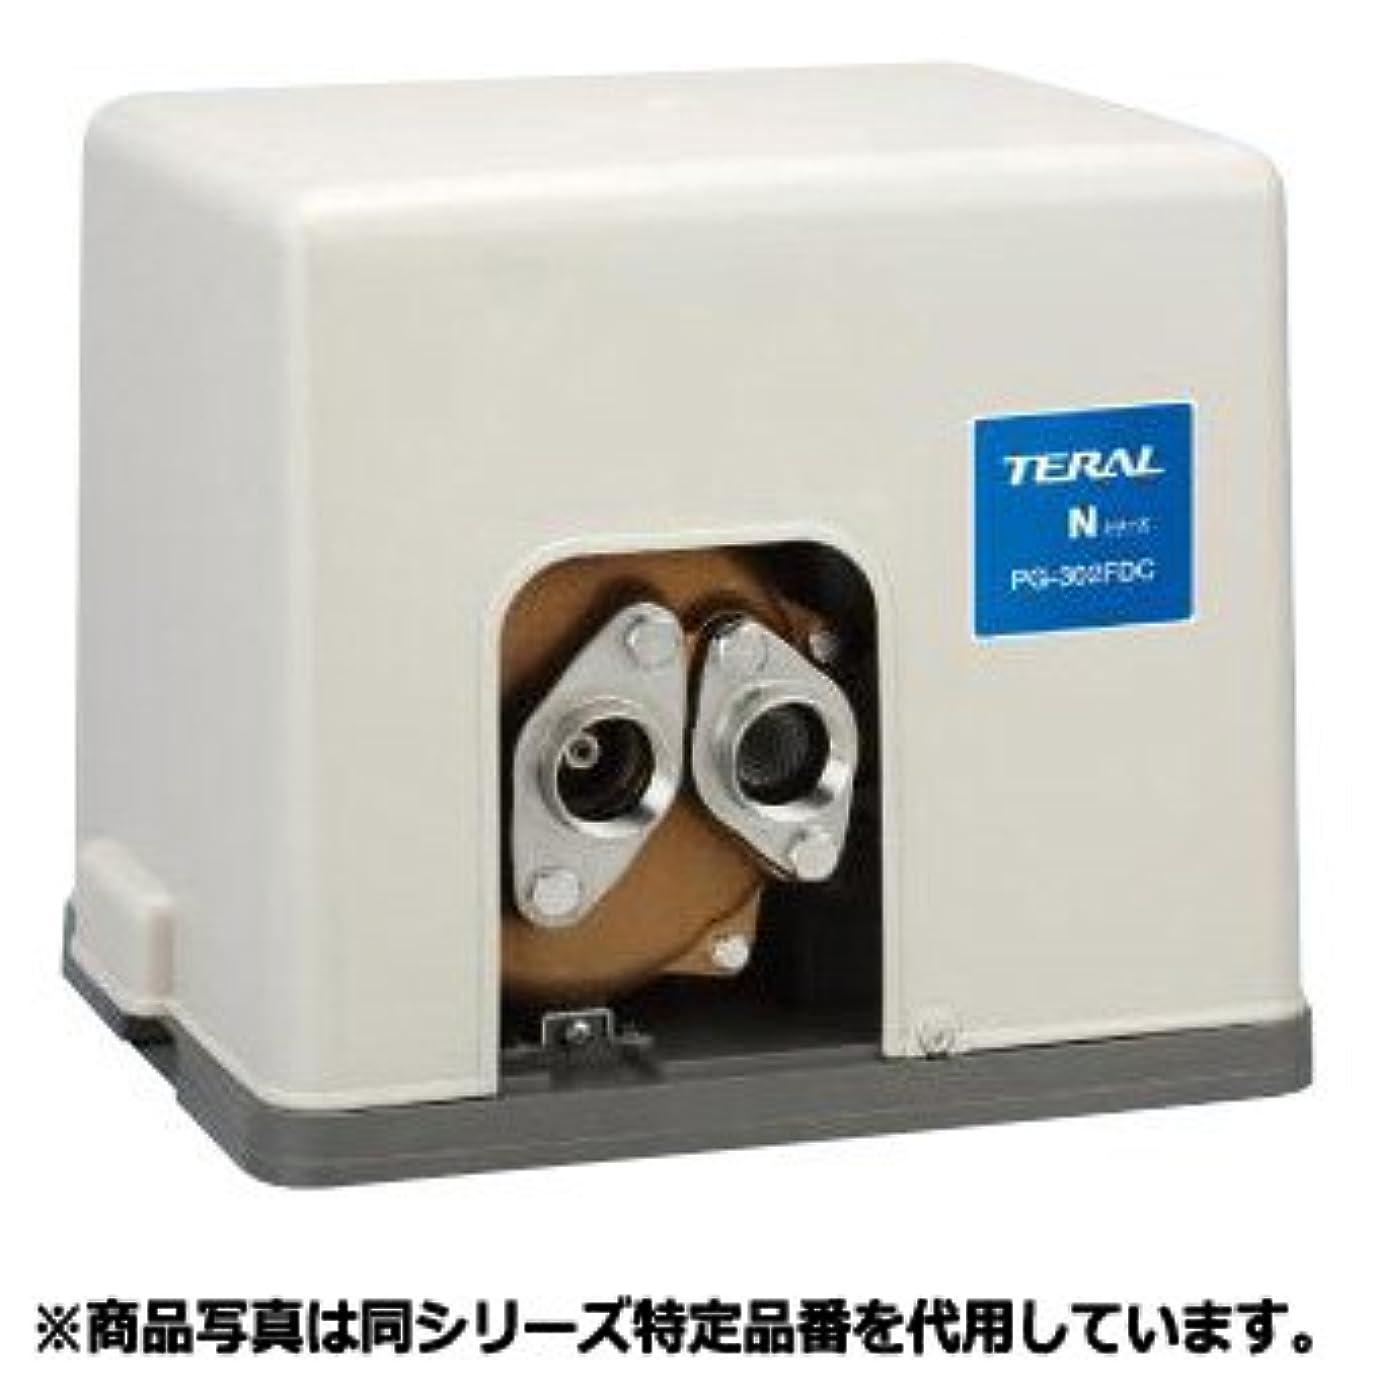 嫉妬足音情熱TERAL/テラル Nシリーズ (旧ナショナル) 深井戸用ポンプ PG-402FDC [50/60hz共通][単相100V][出力400W][ジェット別売]